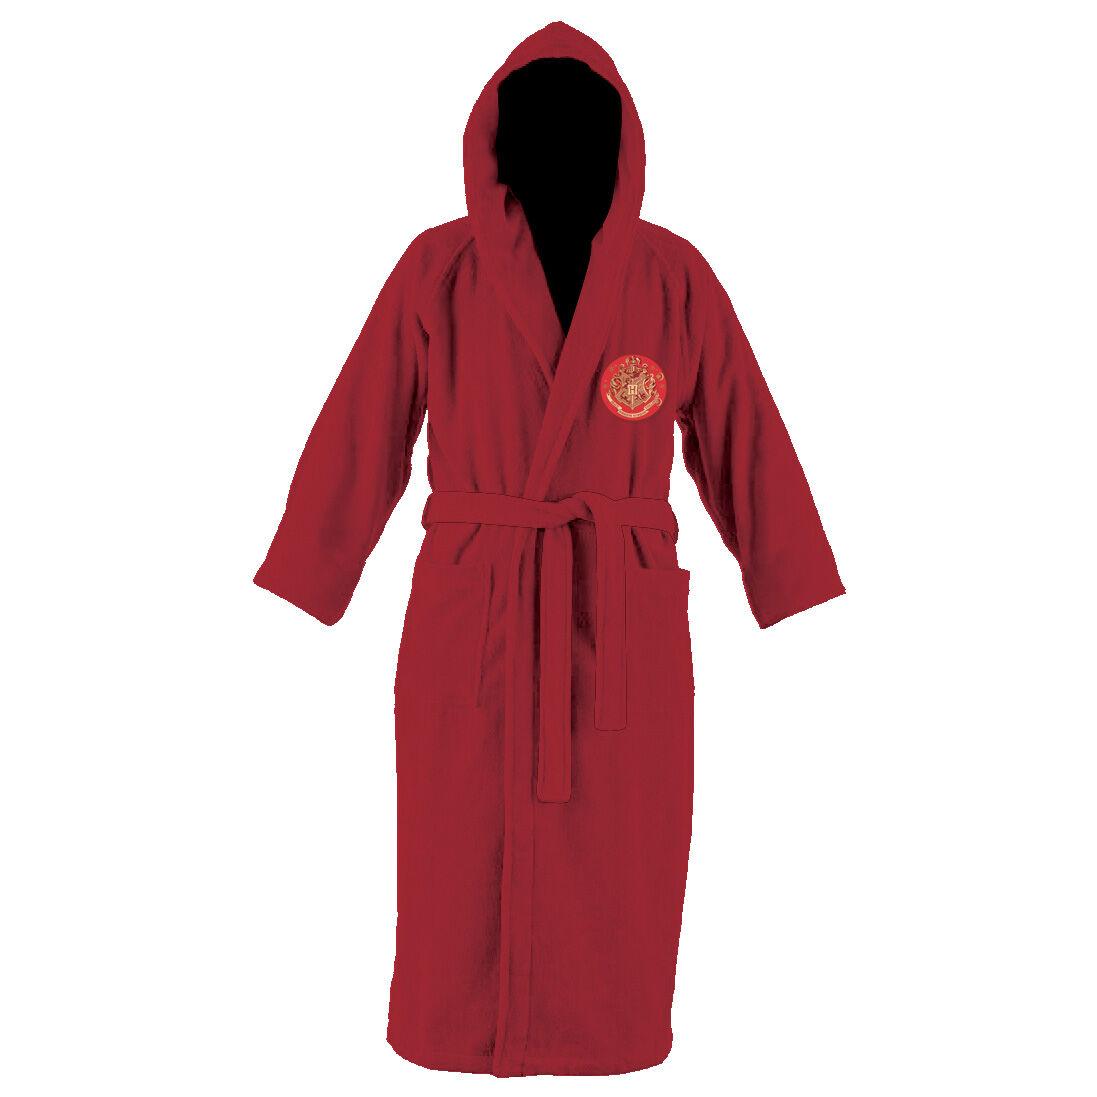 Harry Potter bathrobe